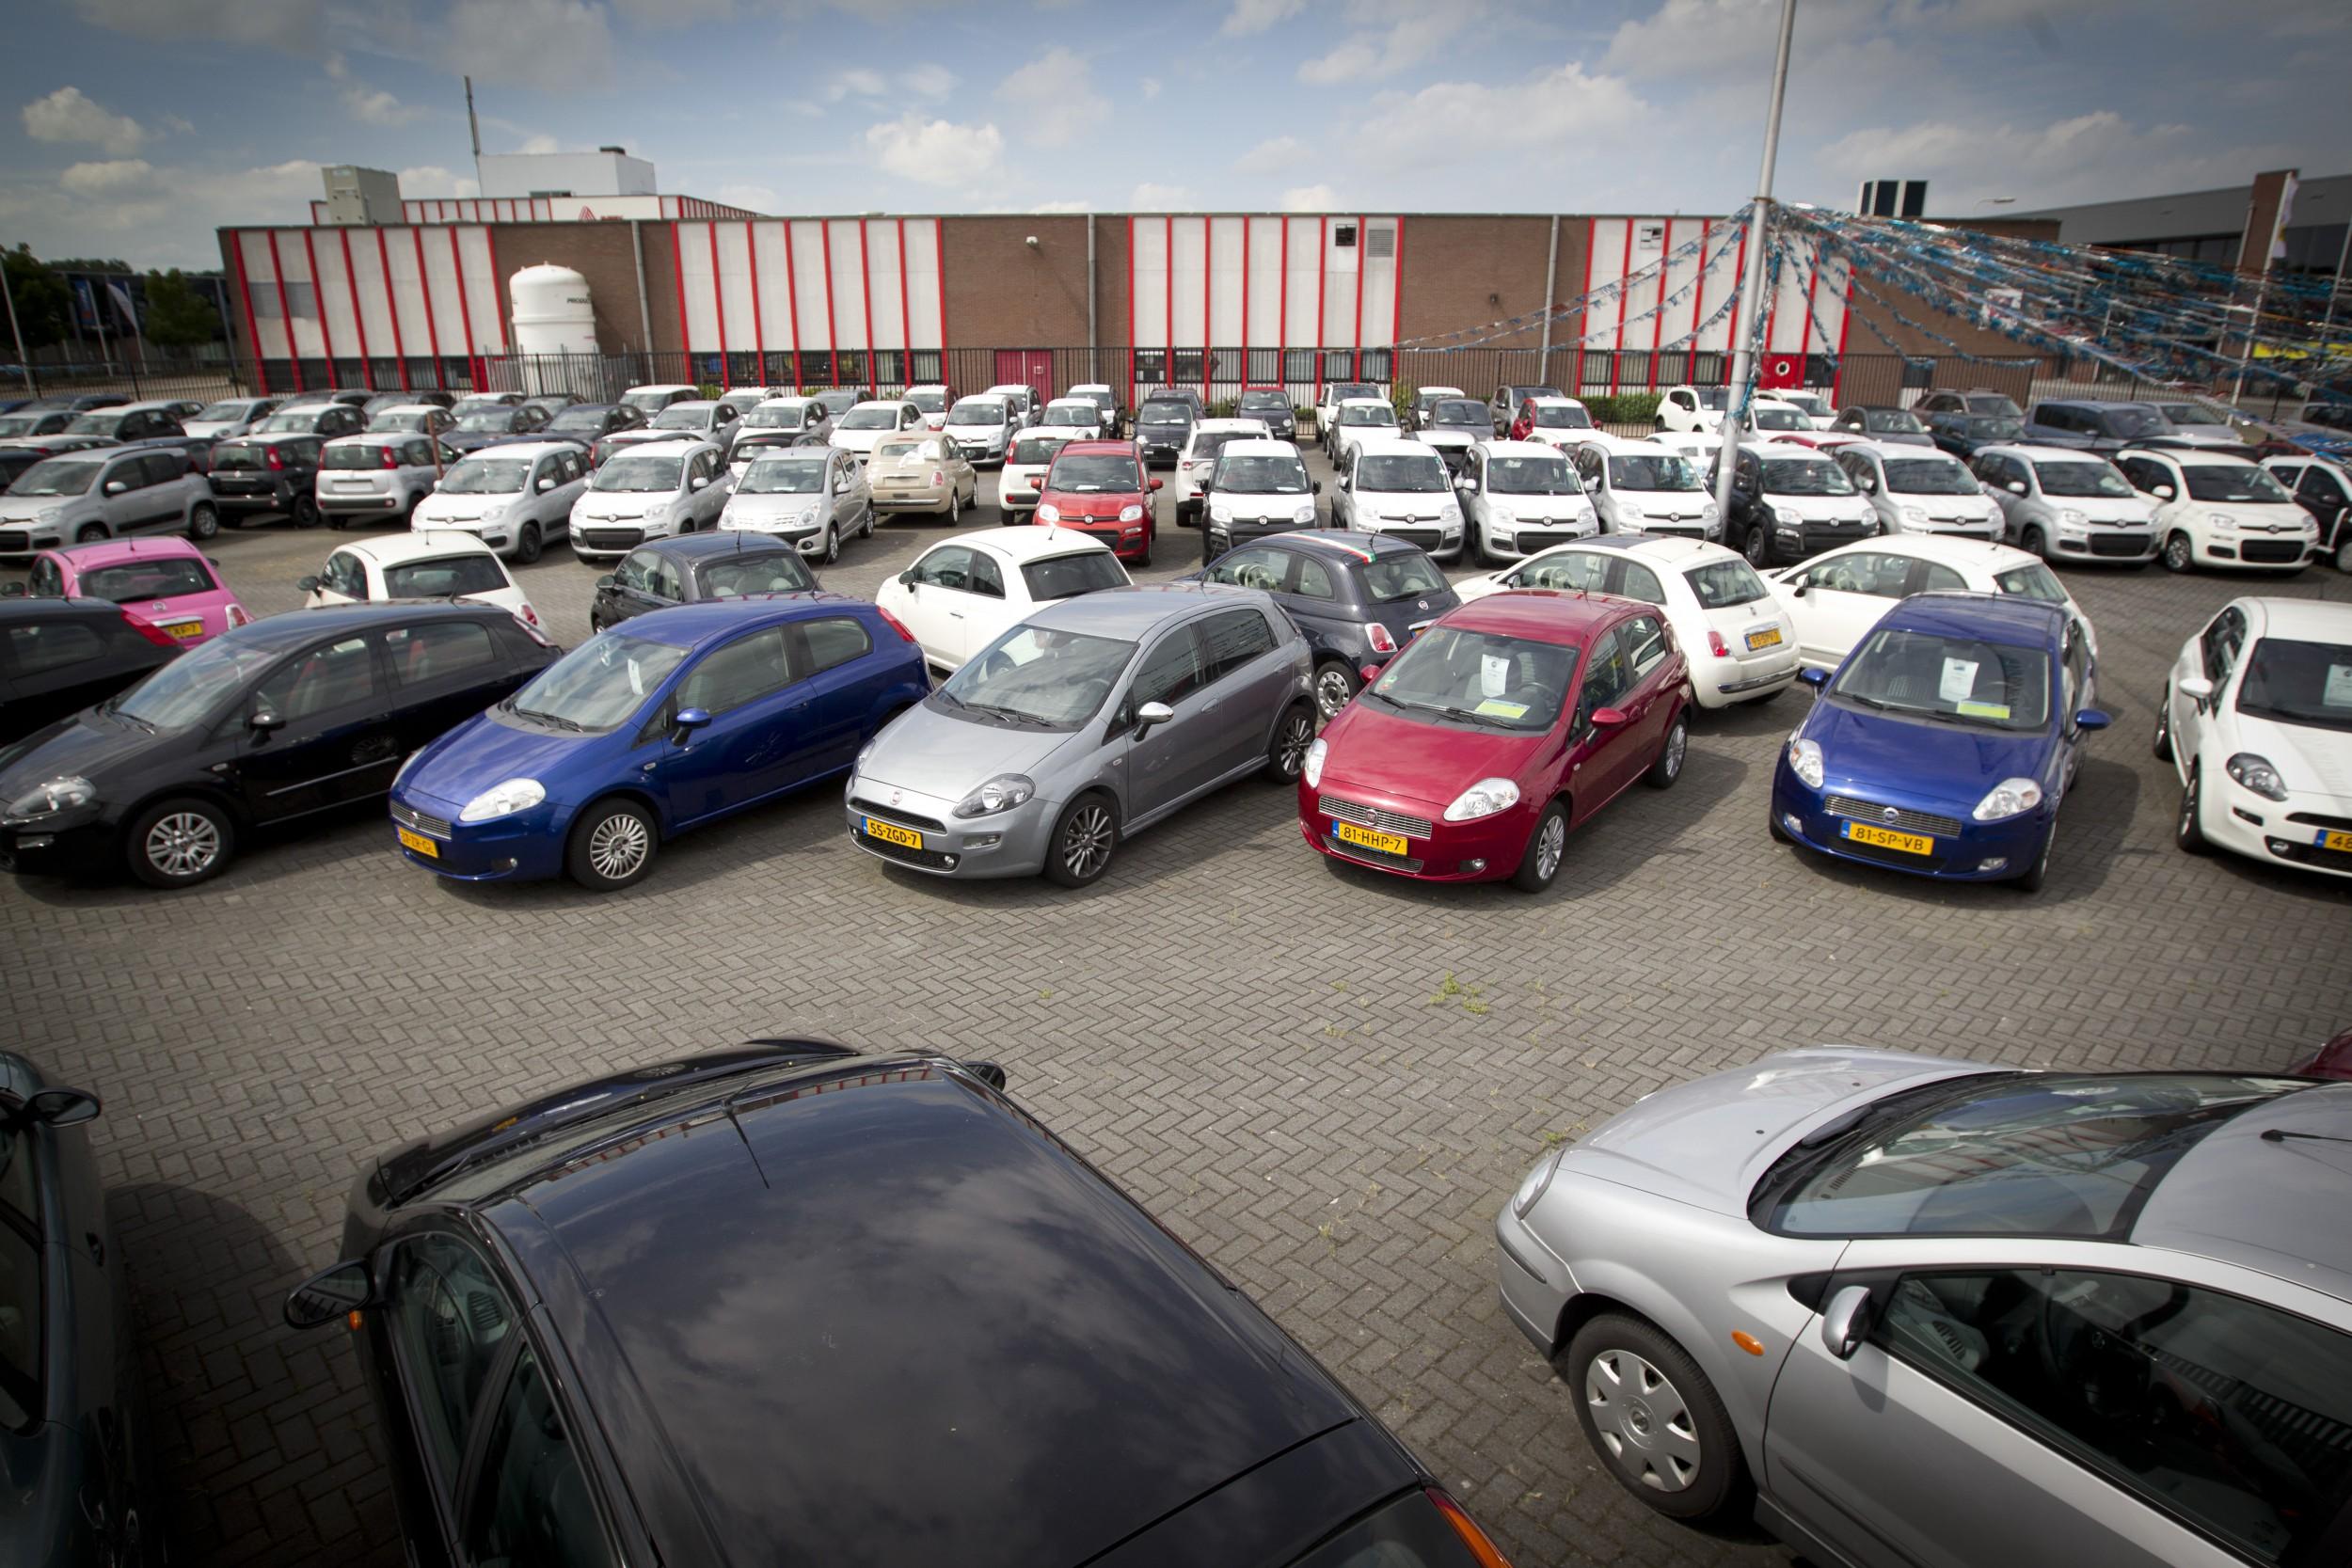 Ondernemers in de autobranche verwachten een terugval in de omzet en te grote voorraden. Foto: ANP